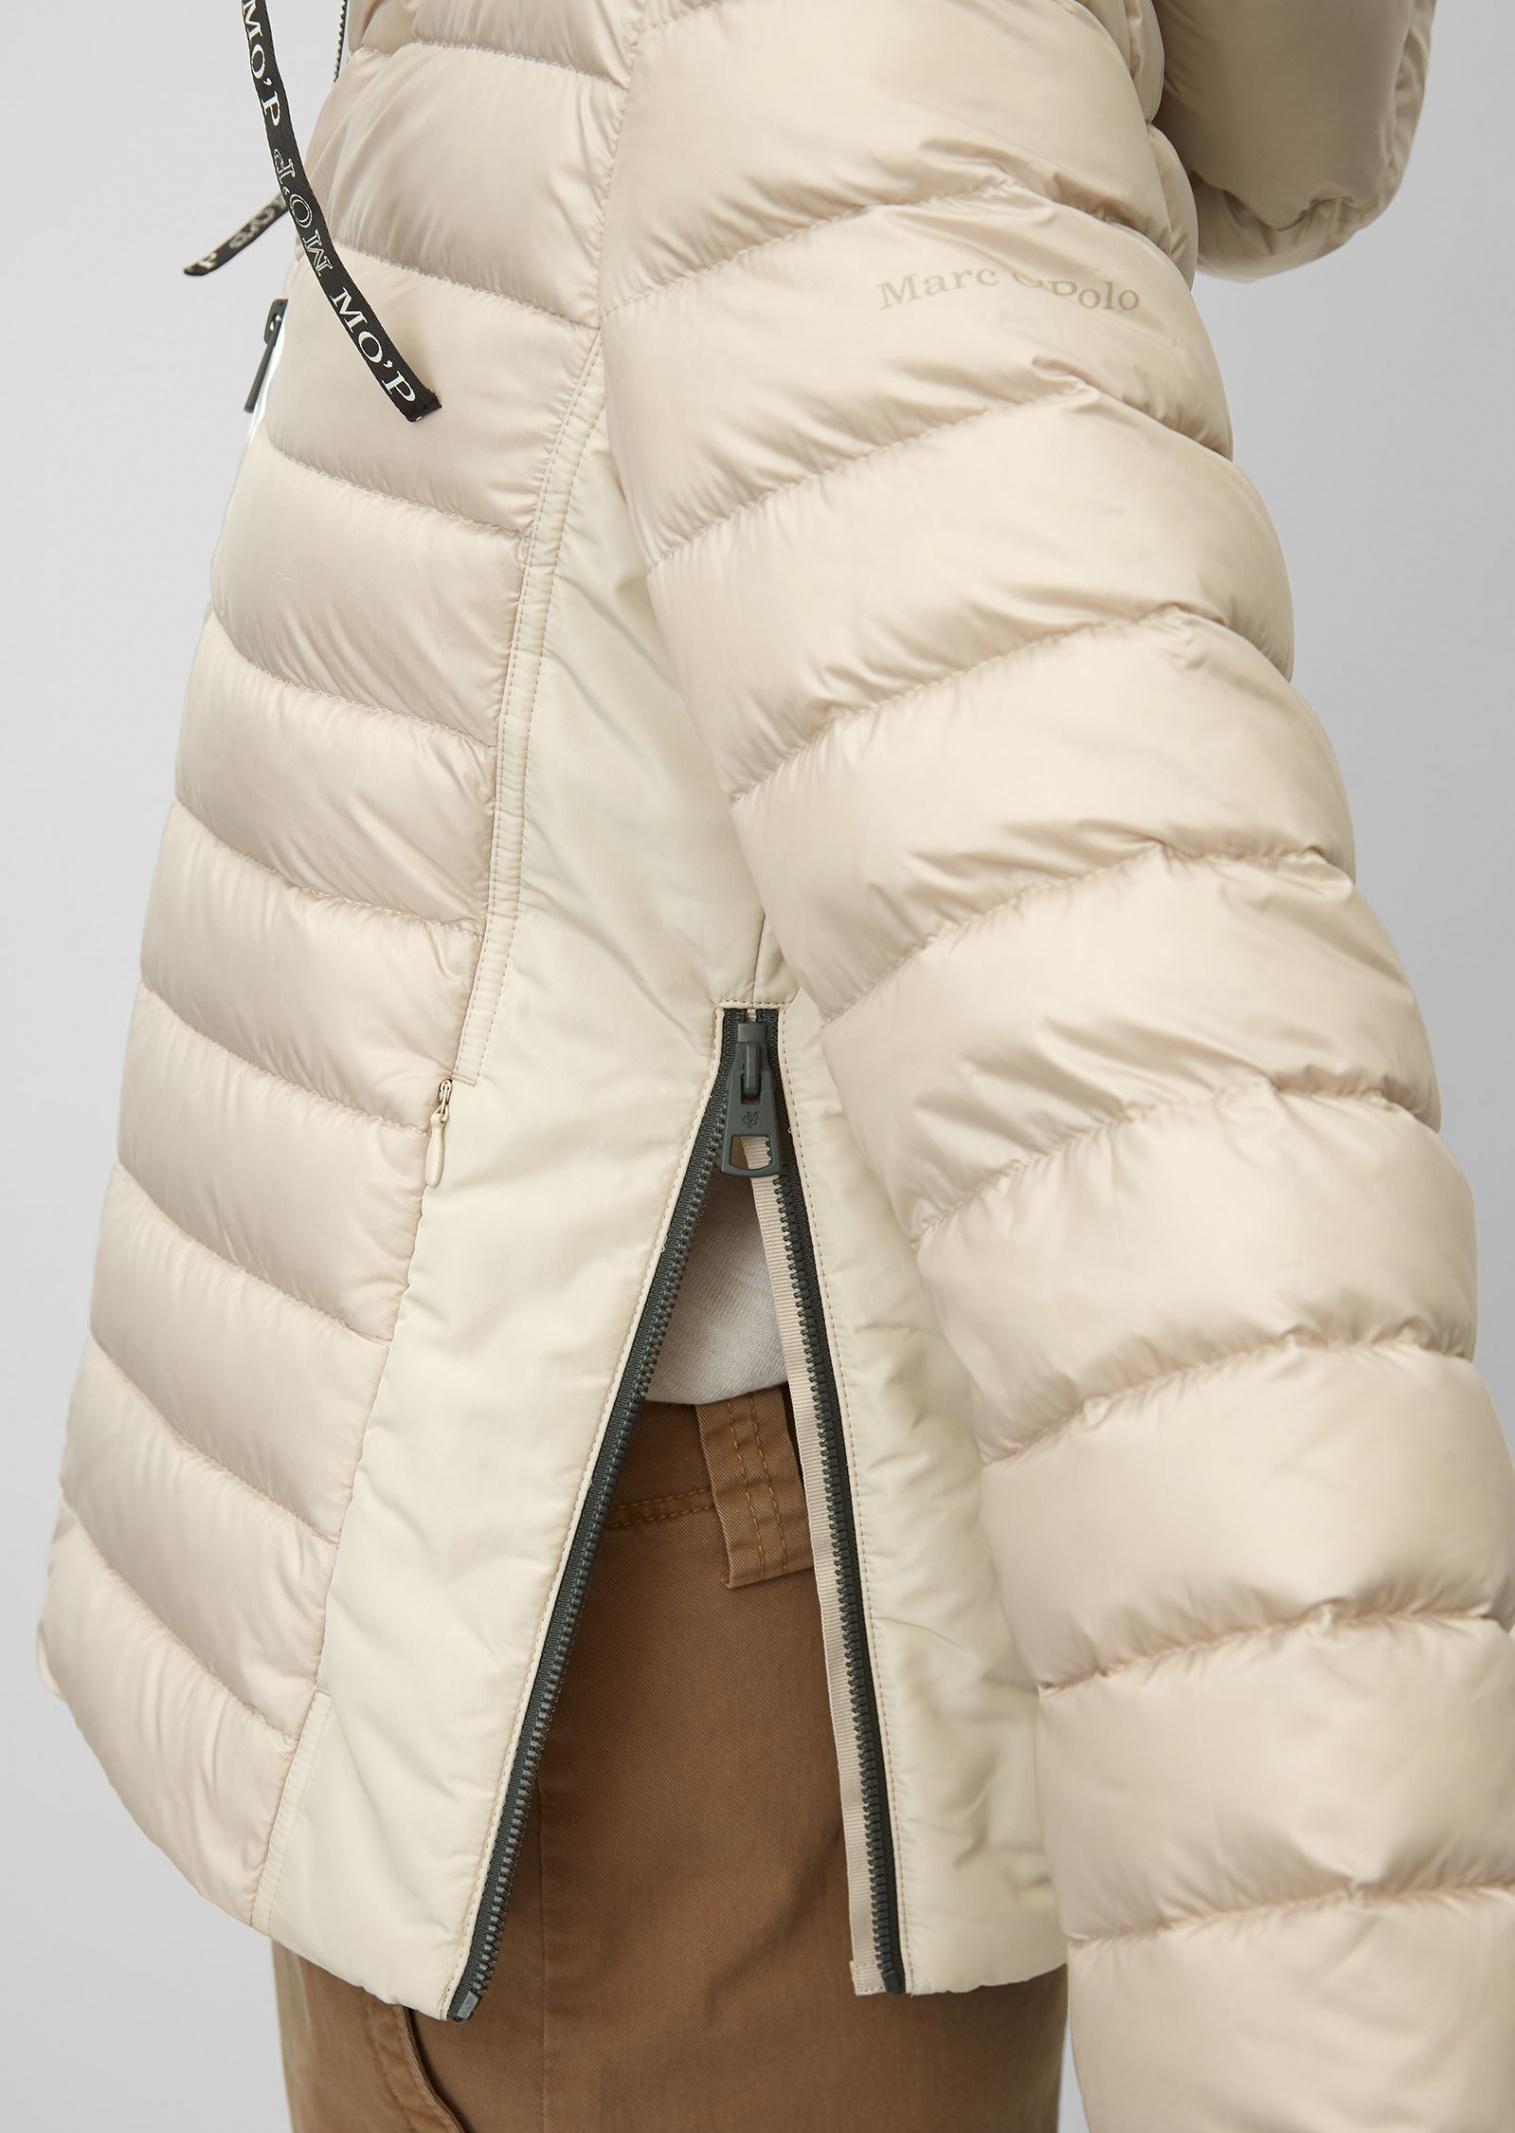 Куртка женские MARC O'POLO модель PD715 отзывы, 2017